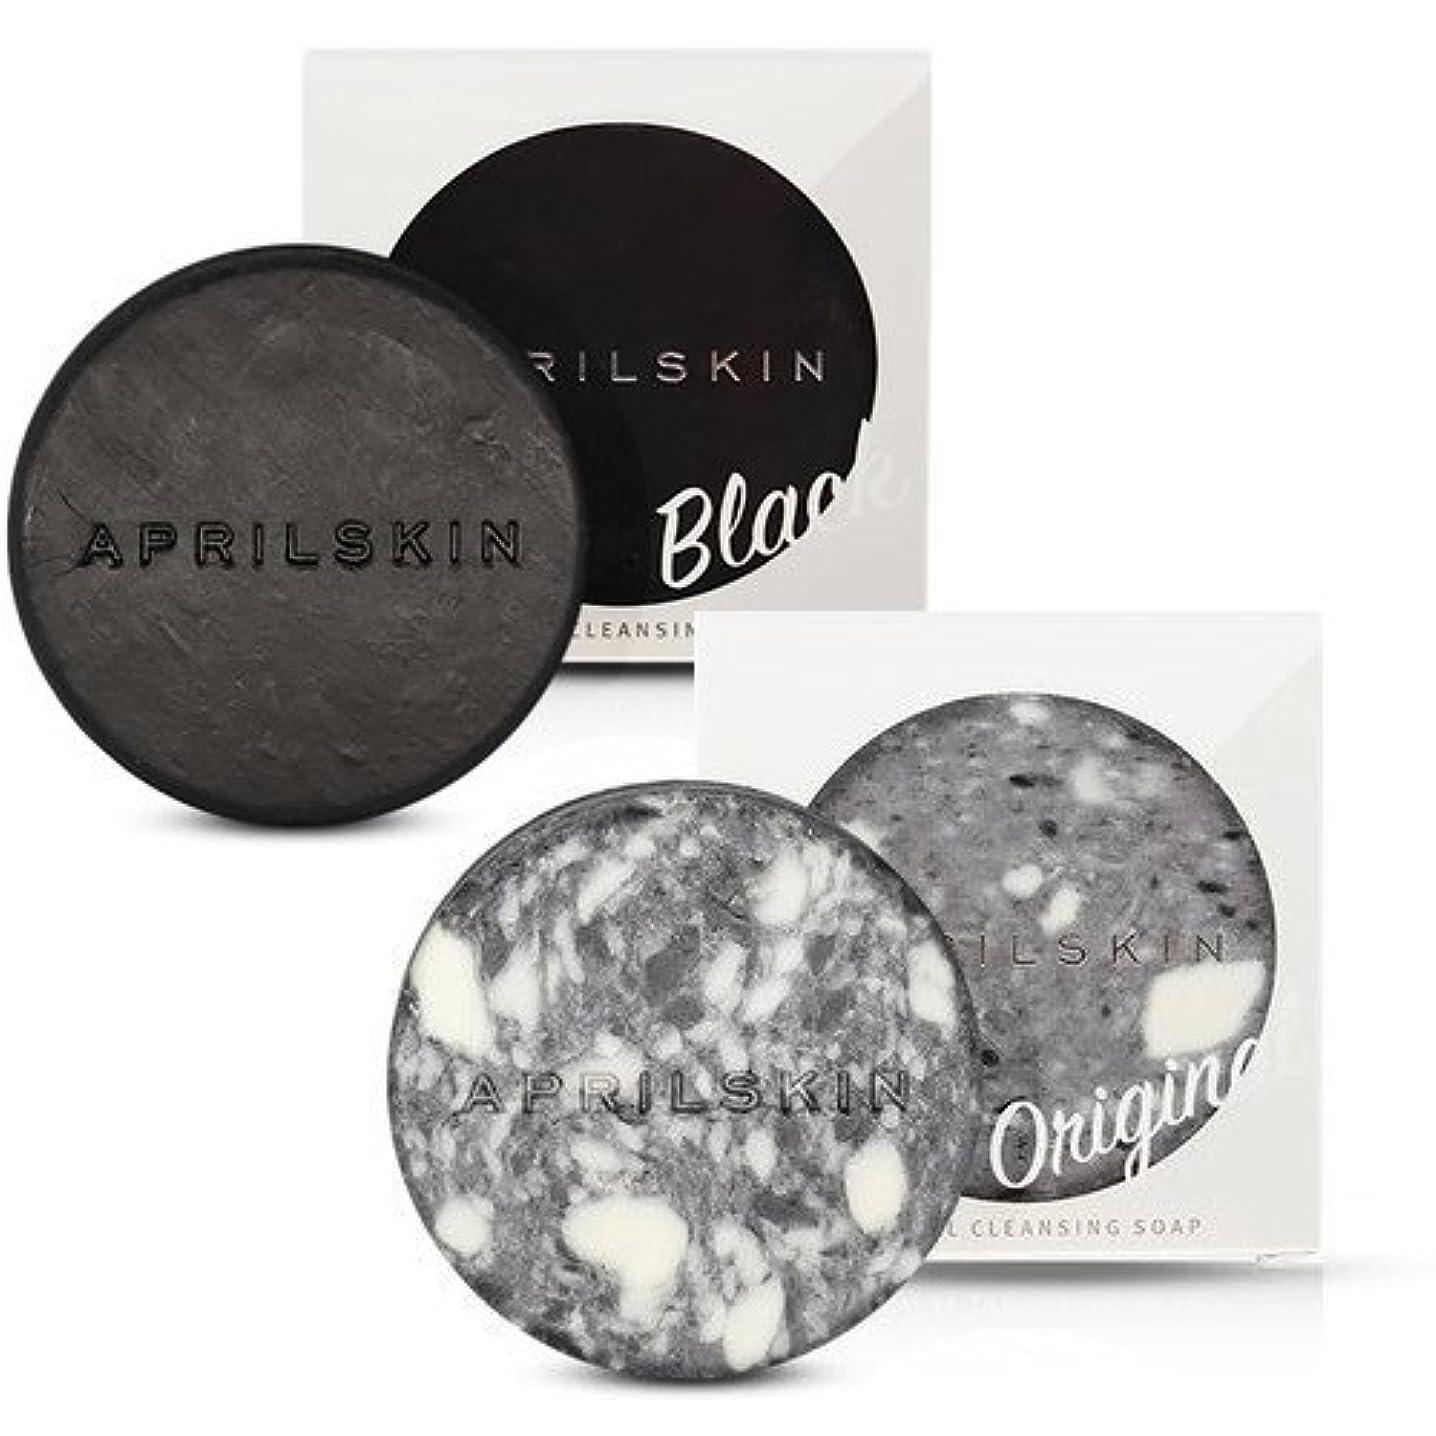 横先史時代の気づく[1+1][APRILSKIN] エイプリルスキン国民石鹸 (APRIL SKIN マジックストーンのリニューアルバージョン新発売) (ORIGINAL+BLACK) [並行輸入品]